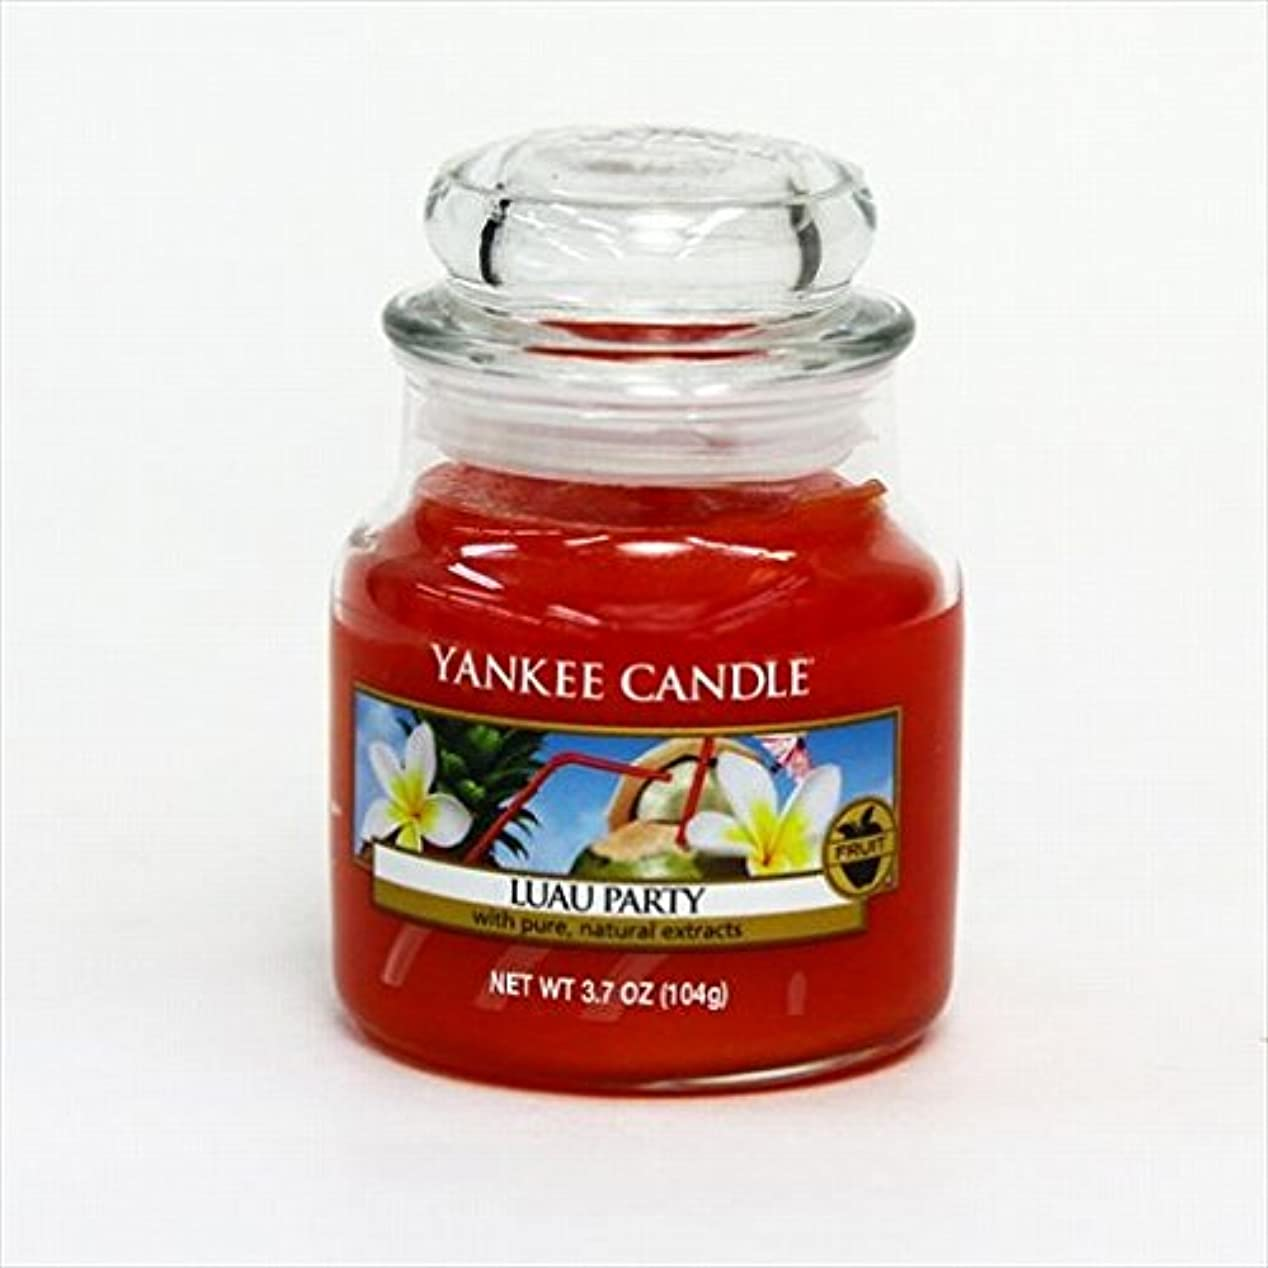 保存ヒロイックヒゲクジラカメヤマキャンドル(kameyama candle) YANKEE CANDLE ジャーS 「 ルーアウパーティ 」